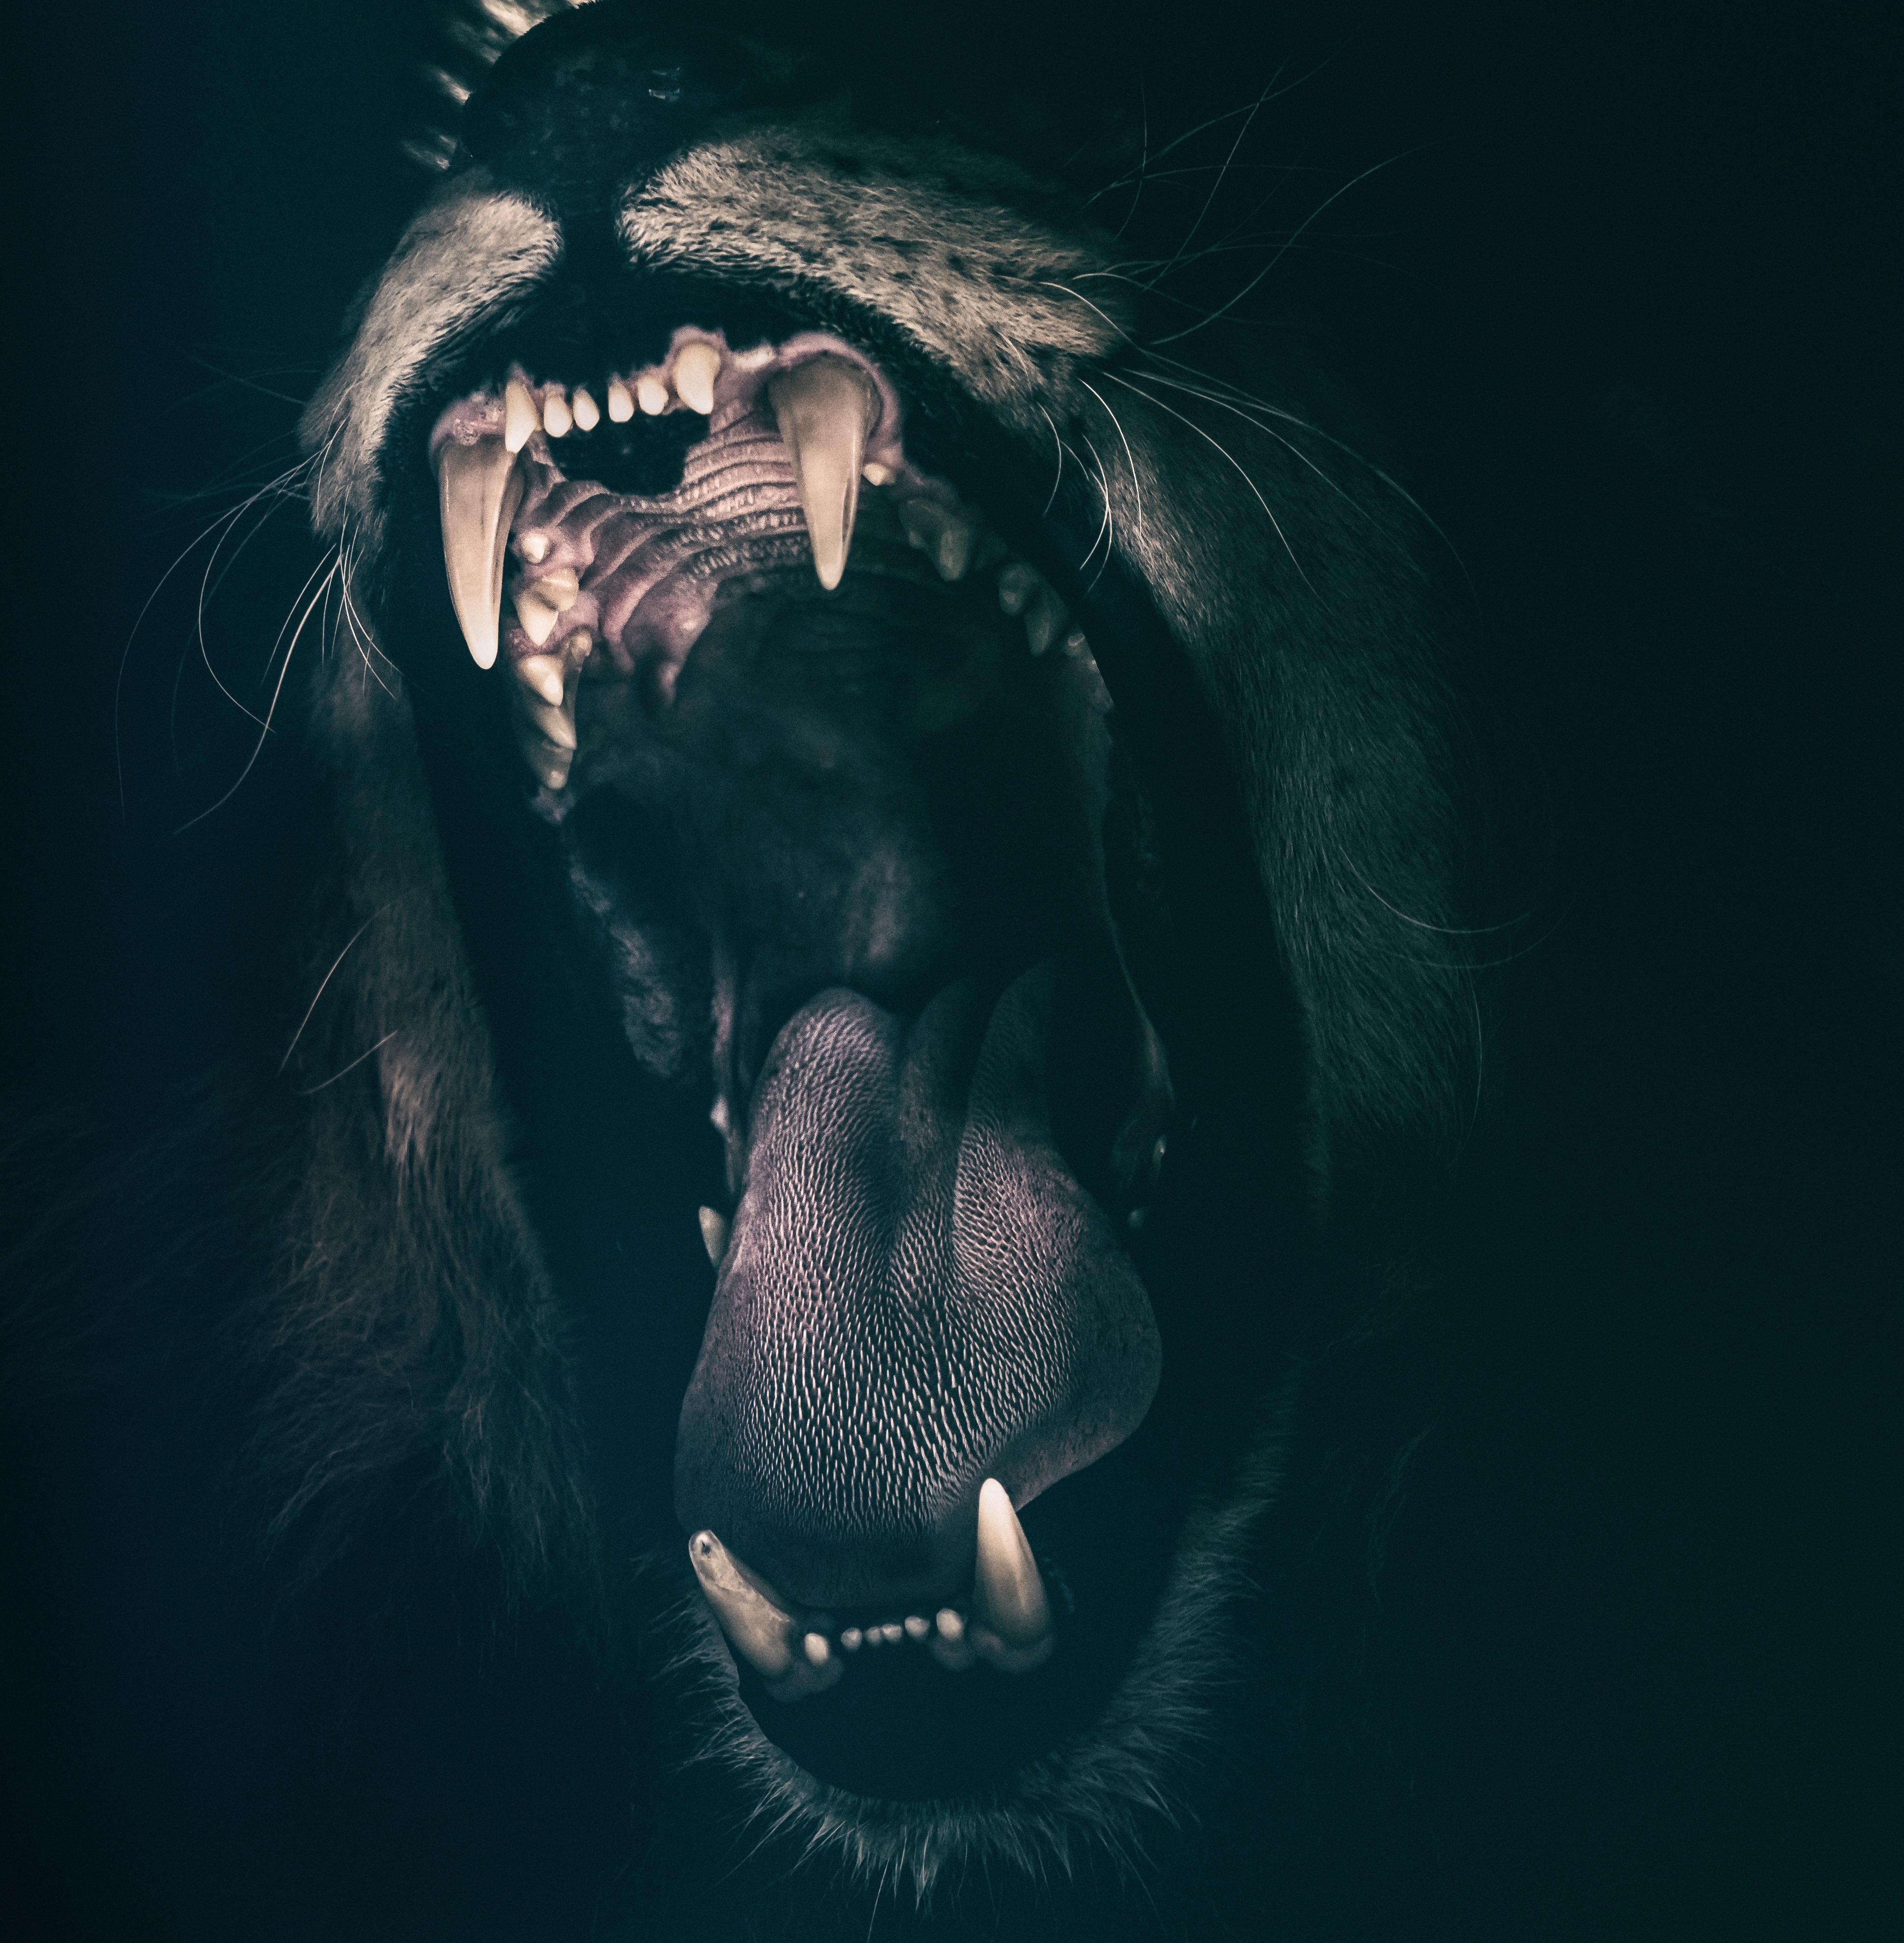 Lion Roar 4K UHD Wallpaper